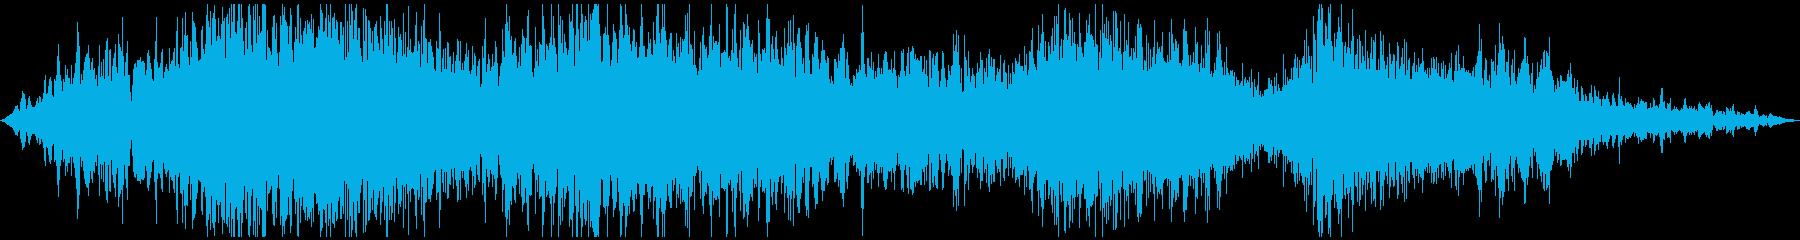 ハイダイ、ハイ、合成スクリーン、落...の再生済みの波形